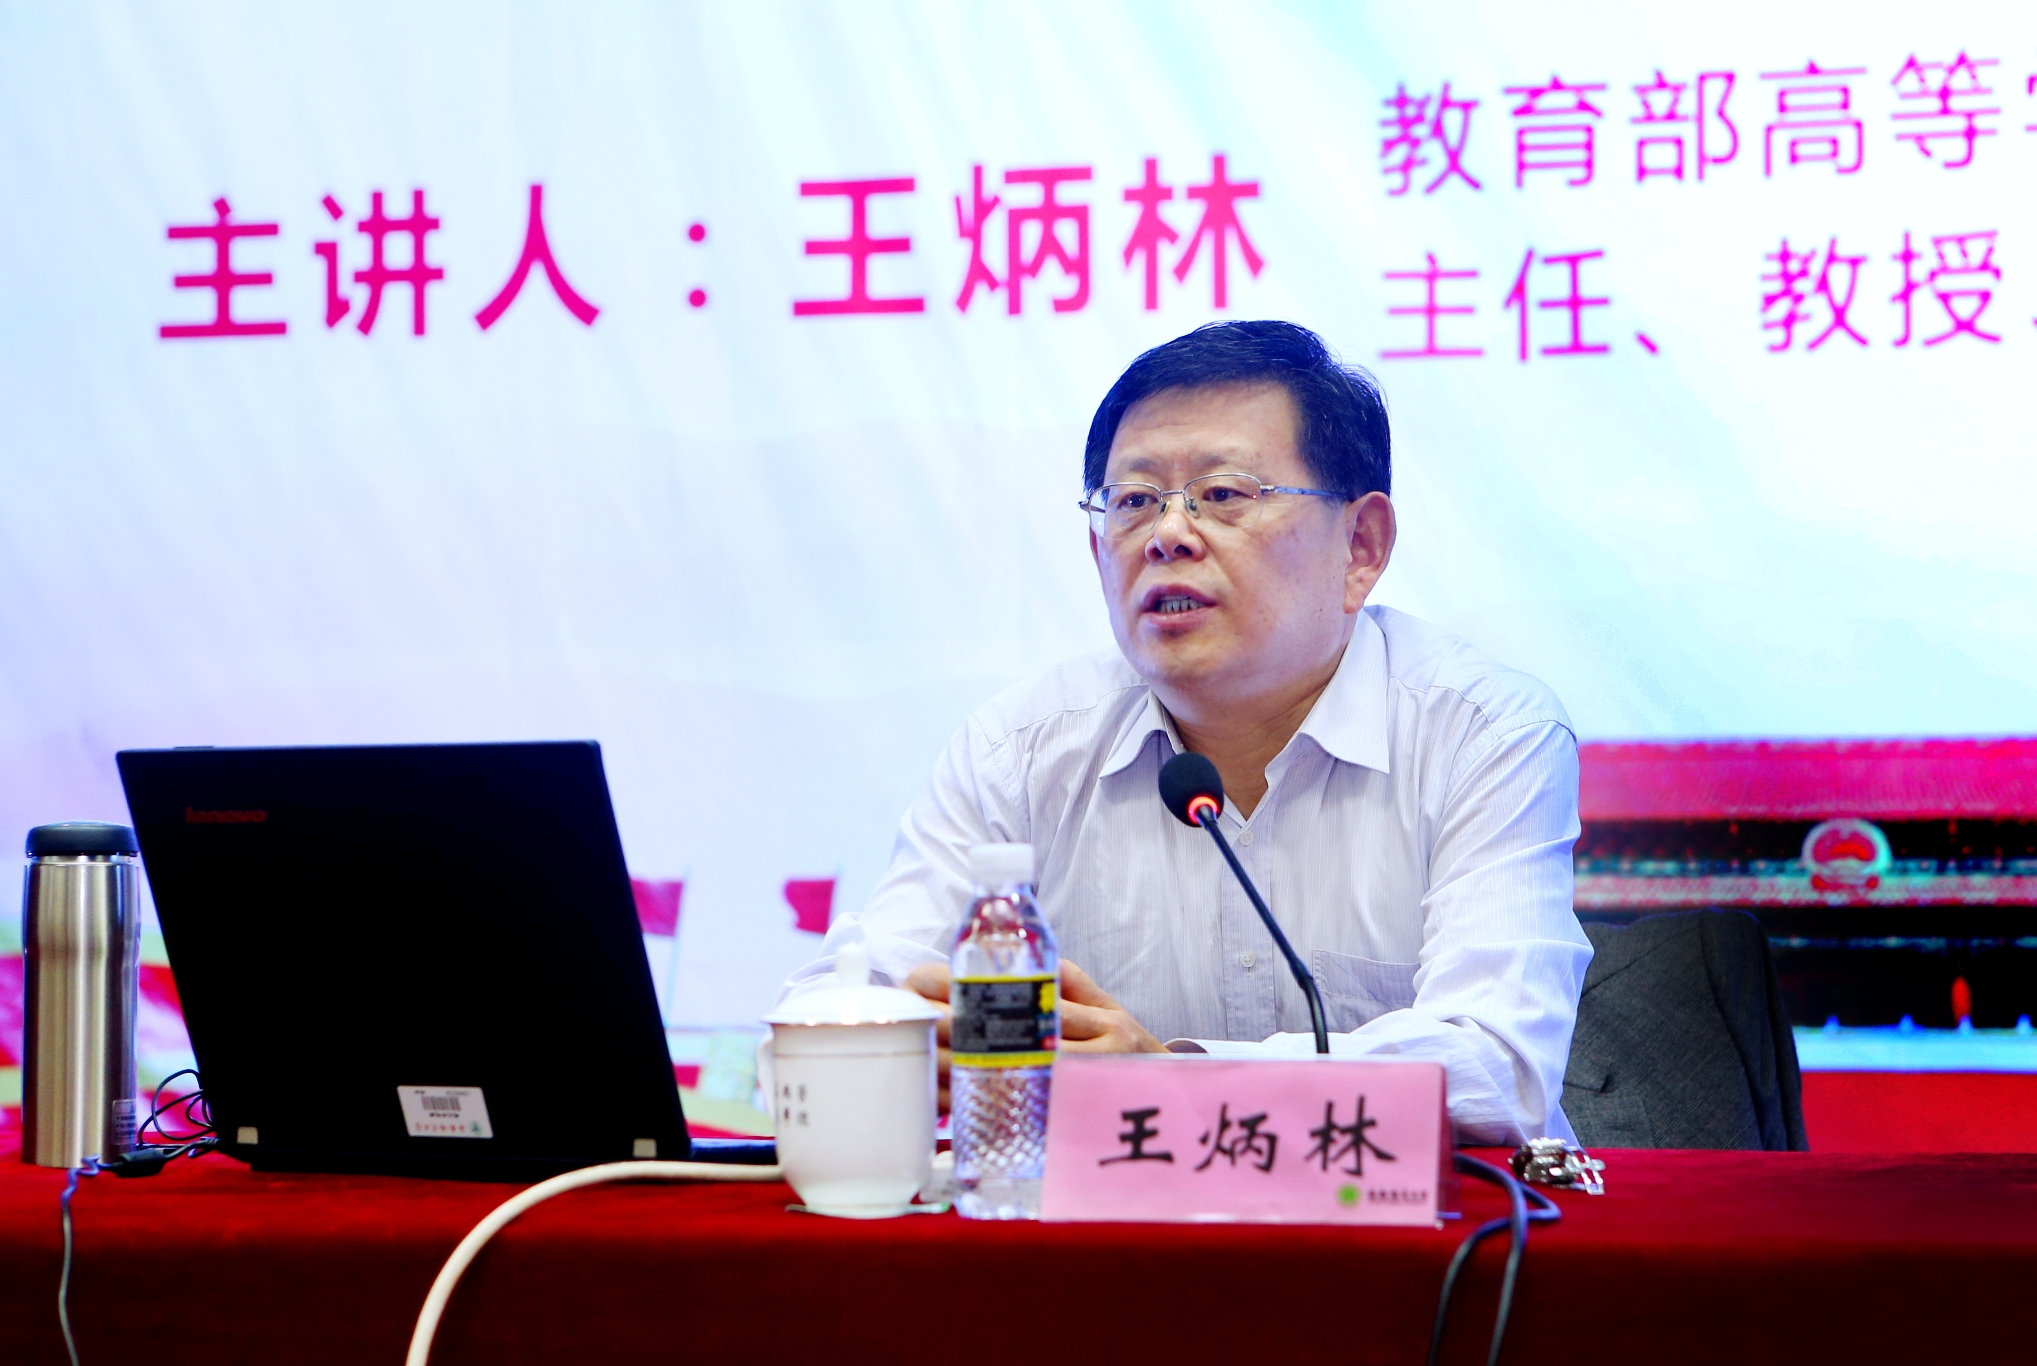 教育部高校社科中心主任王炳林受邀到海师宣讲十九大精神